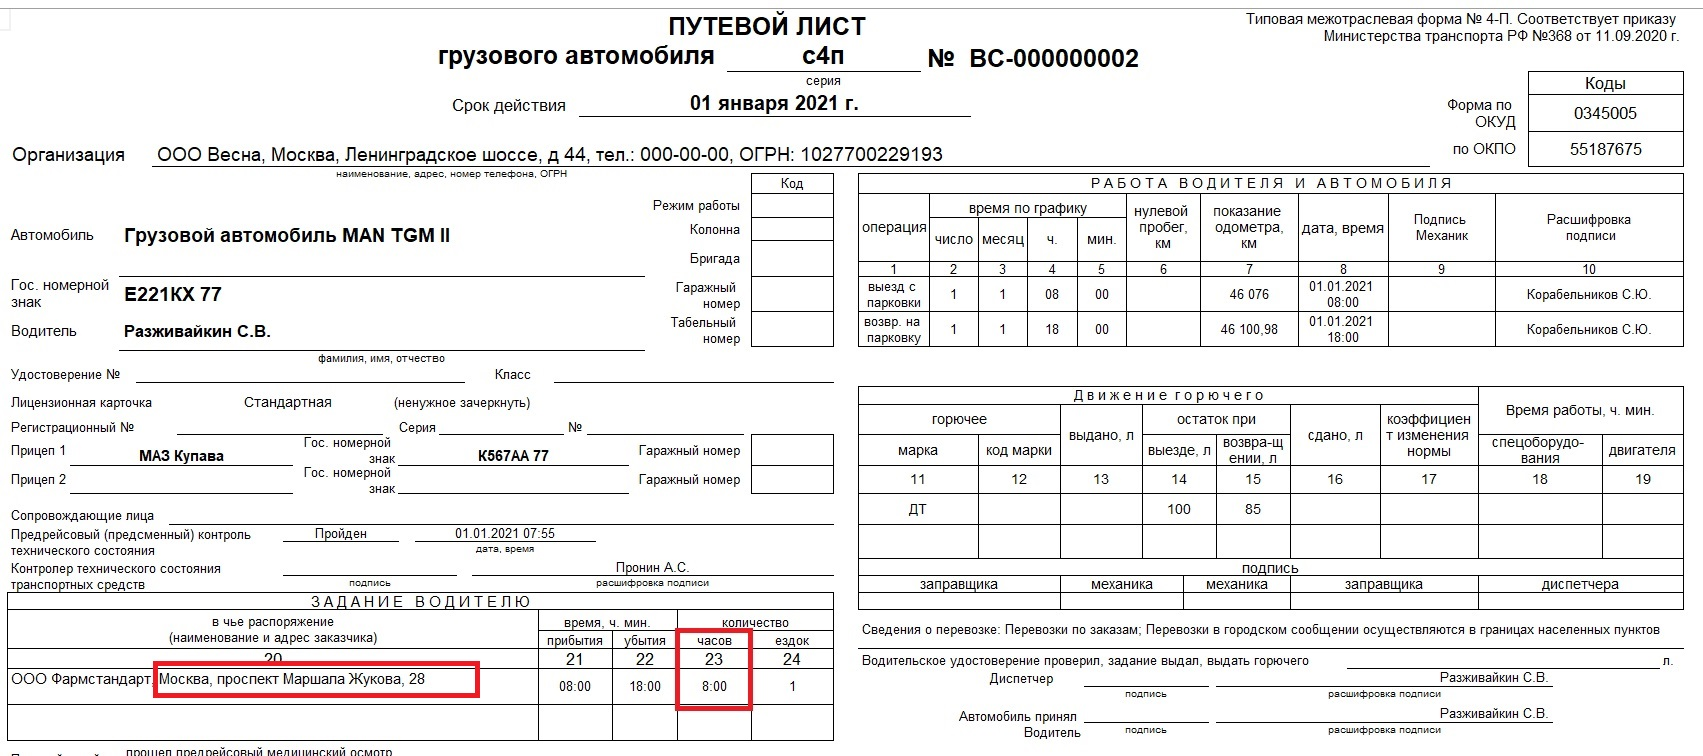 Юридический адрес в задании водителю в путевом листе 4-П